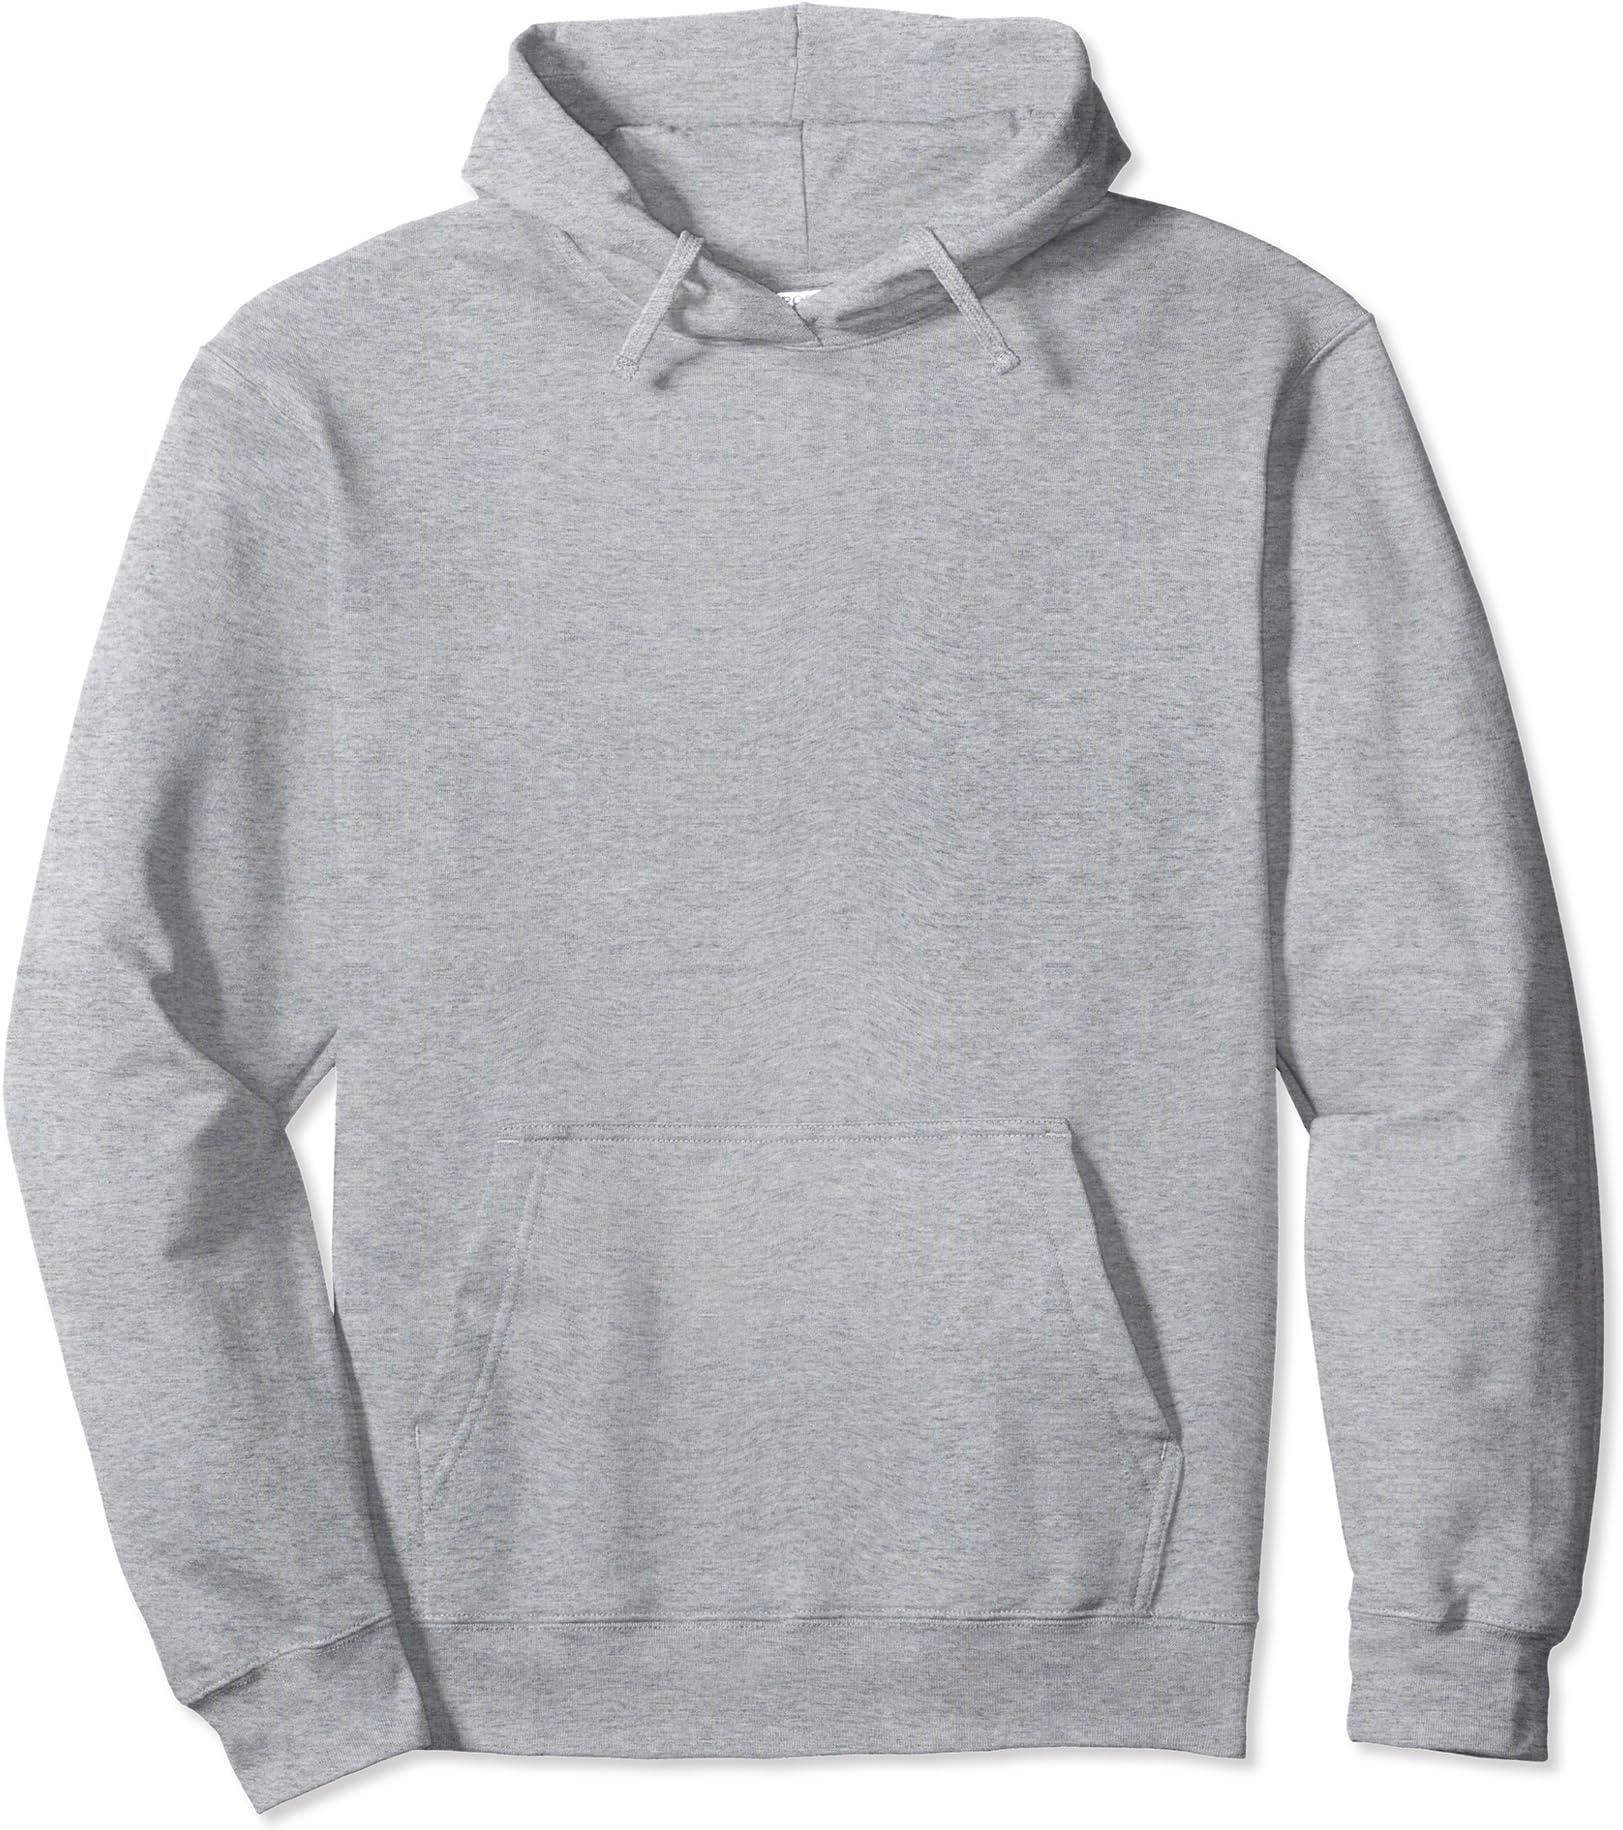 Powerpuff Girls Funny 3D print Hoodie MenWomen Casual Sweatshirt Pullover Tops